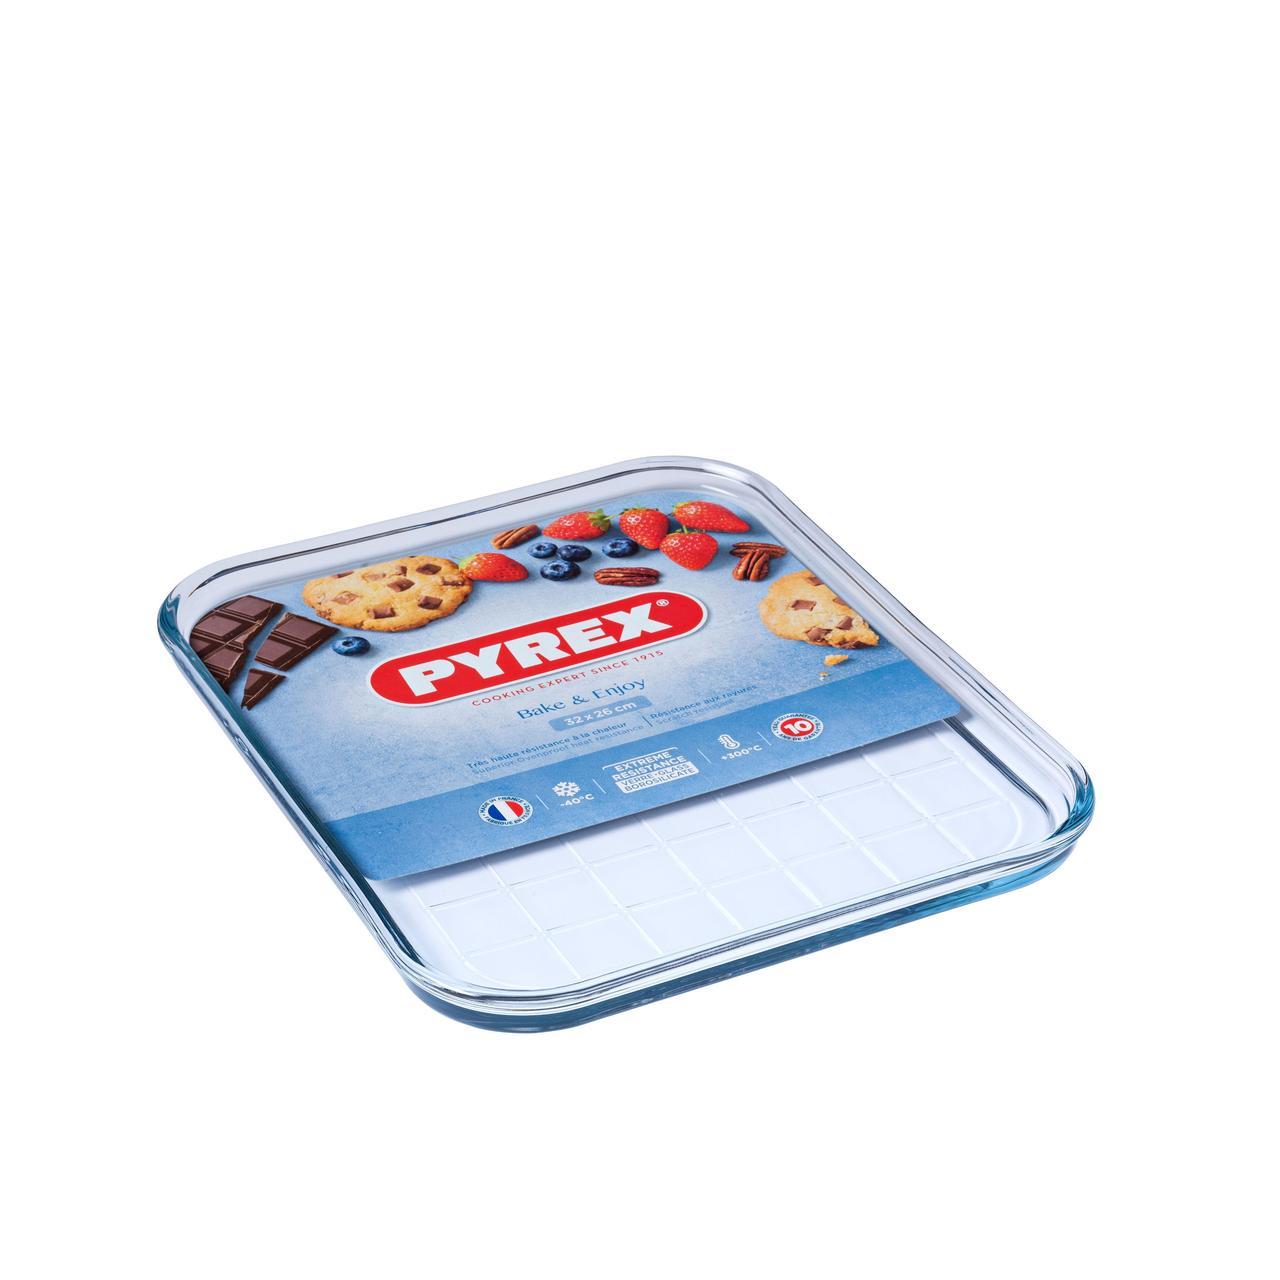 Pyrex Glass Baking Tray 32cm £6.66 @ Ocado